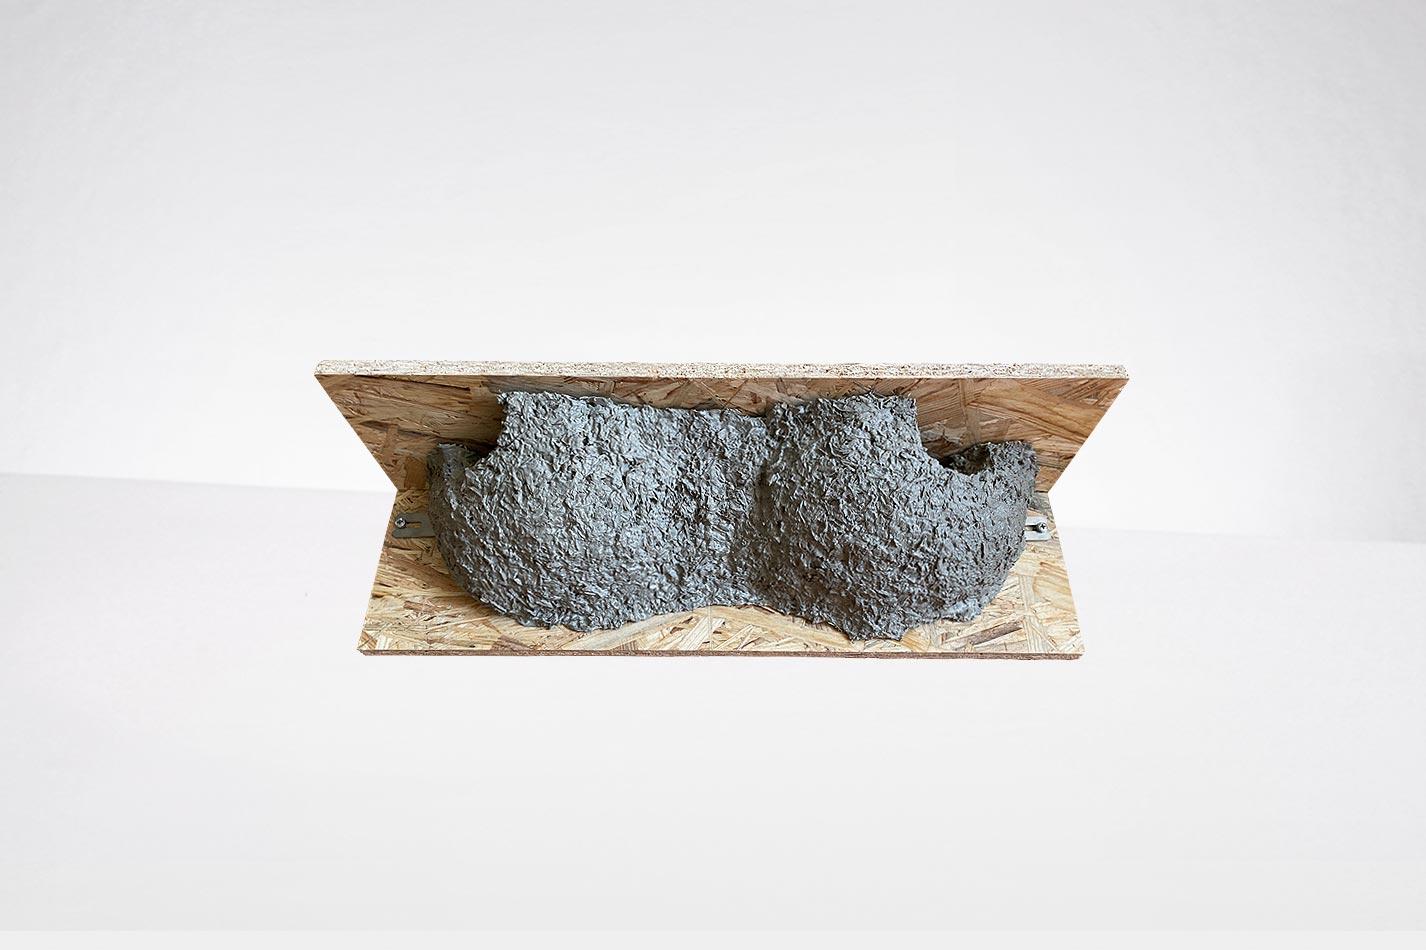 Mehlschwalbennest - Doppelnest für Mehlschwalben